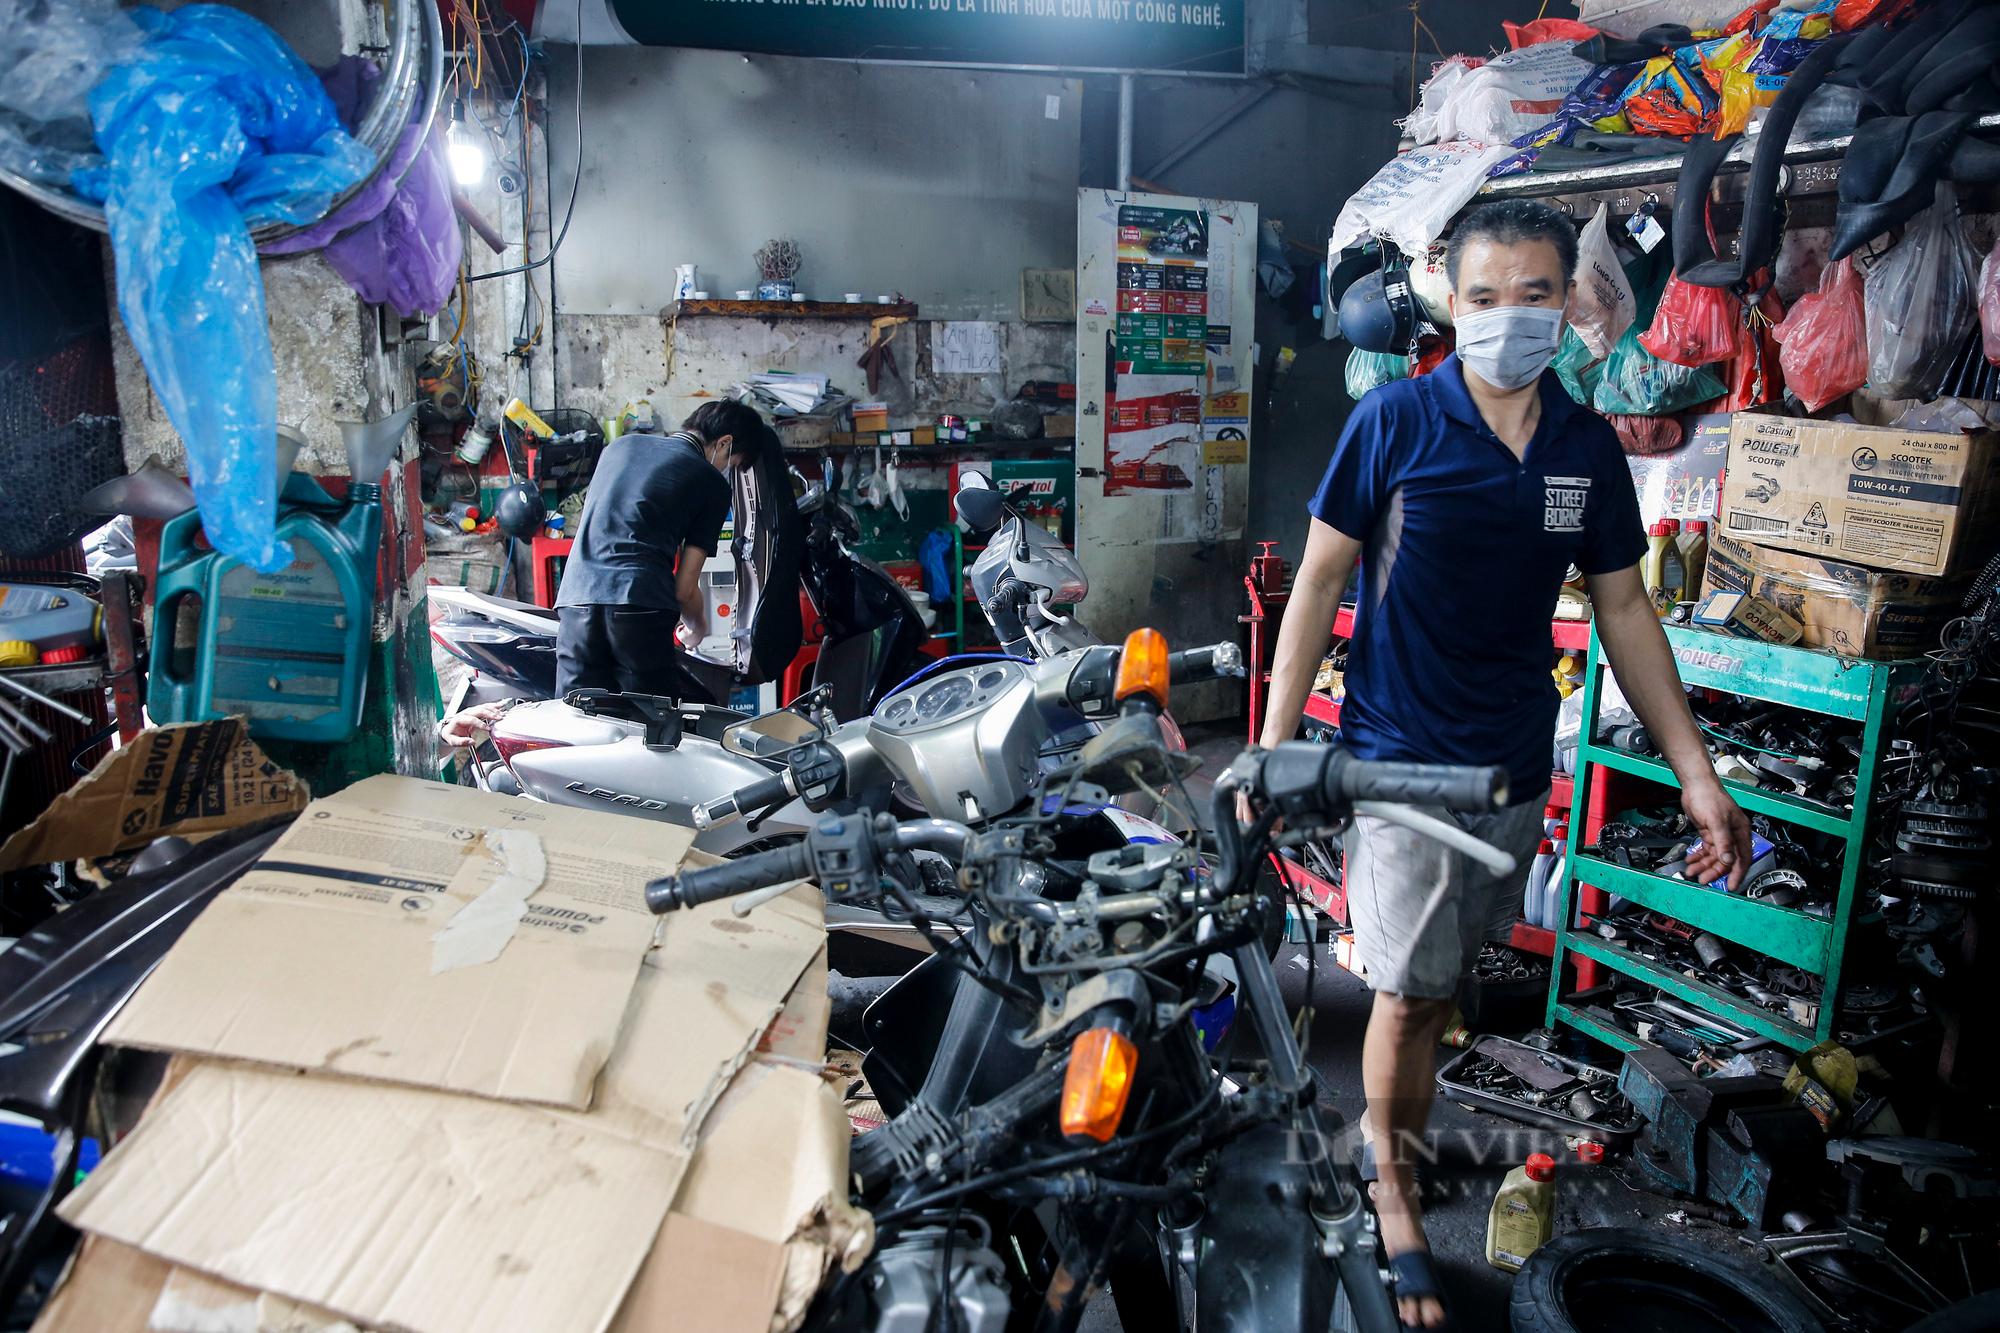 Hà Nội: Mang xe máy đi sửa, khách hàng phải chờ từ sáng đến chiều tối mới có thể nhận được xe - Ảnh 2.